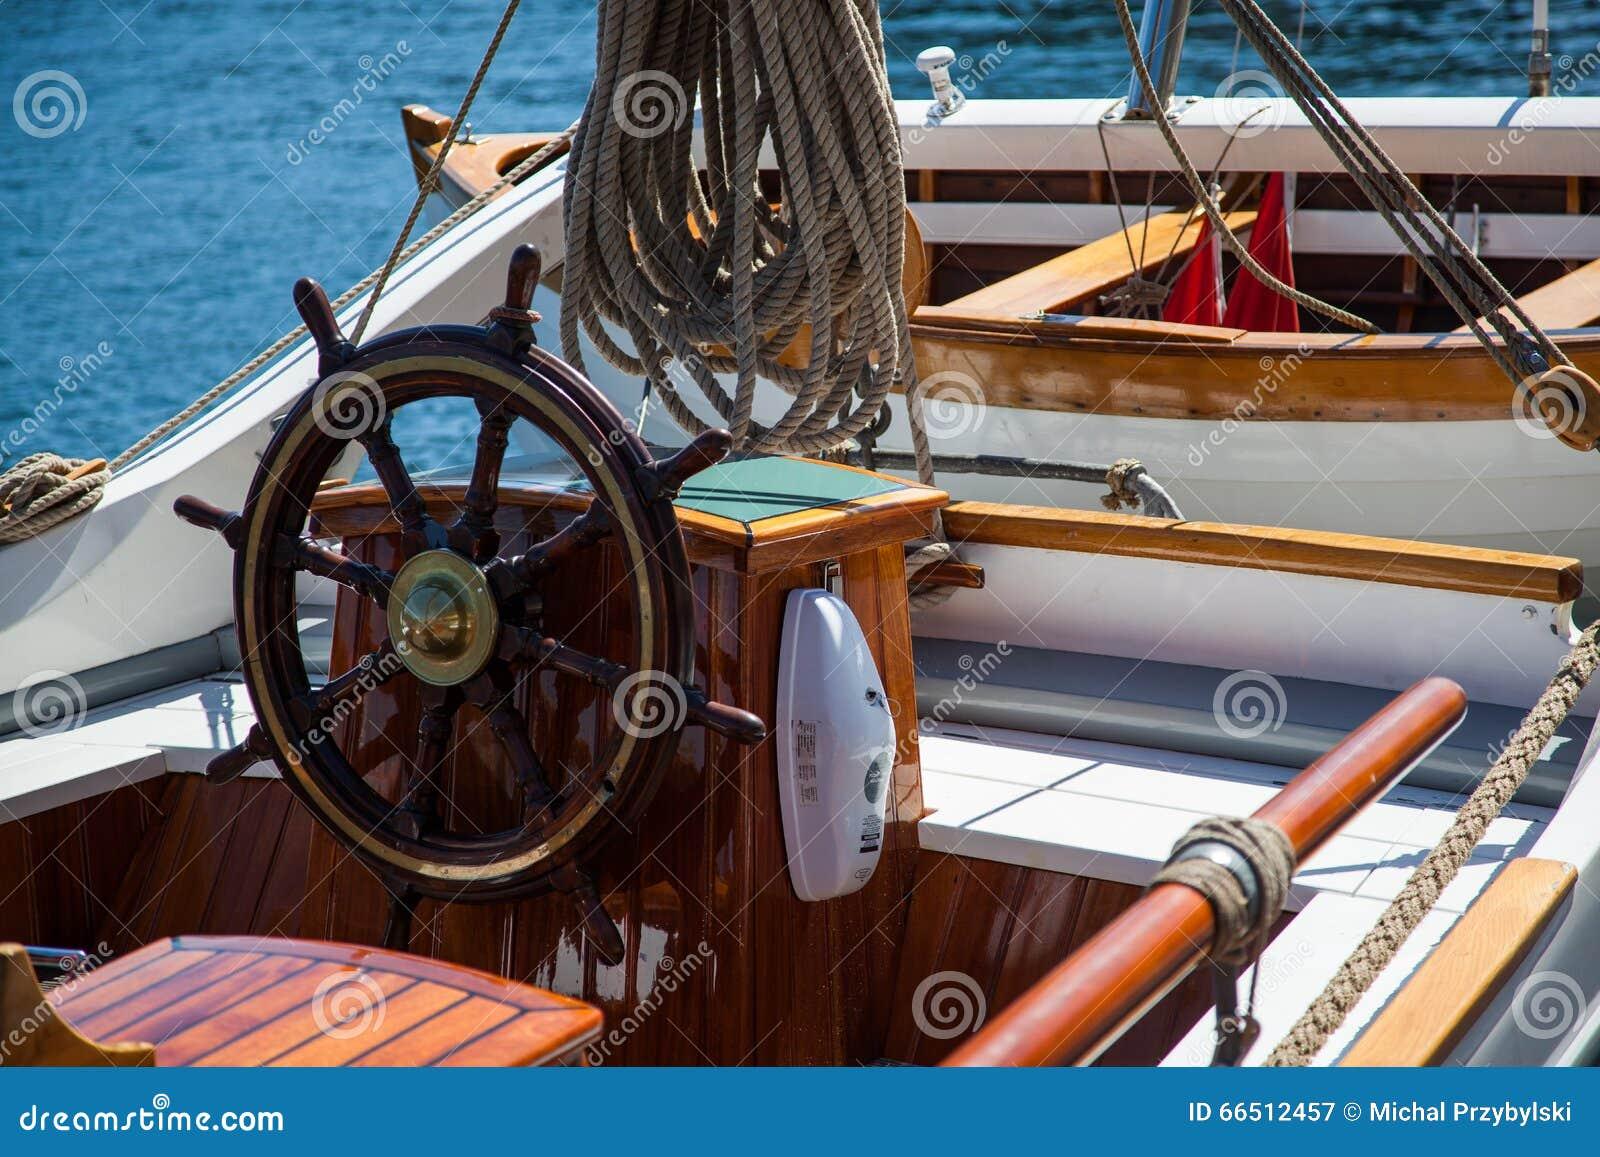 barre de vieux bateau voile photo stock image 66512457. Black Bedroom Furniture Sets. Home Design Ideas